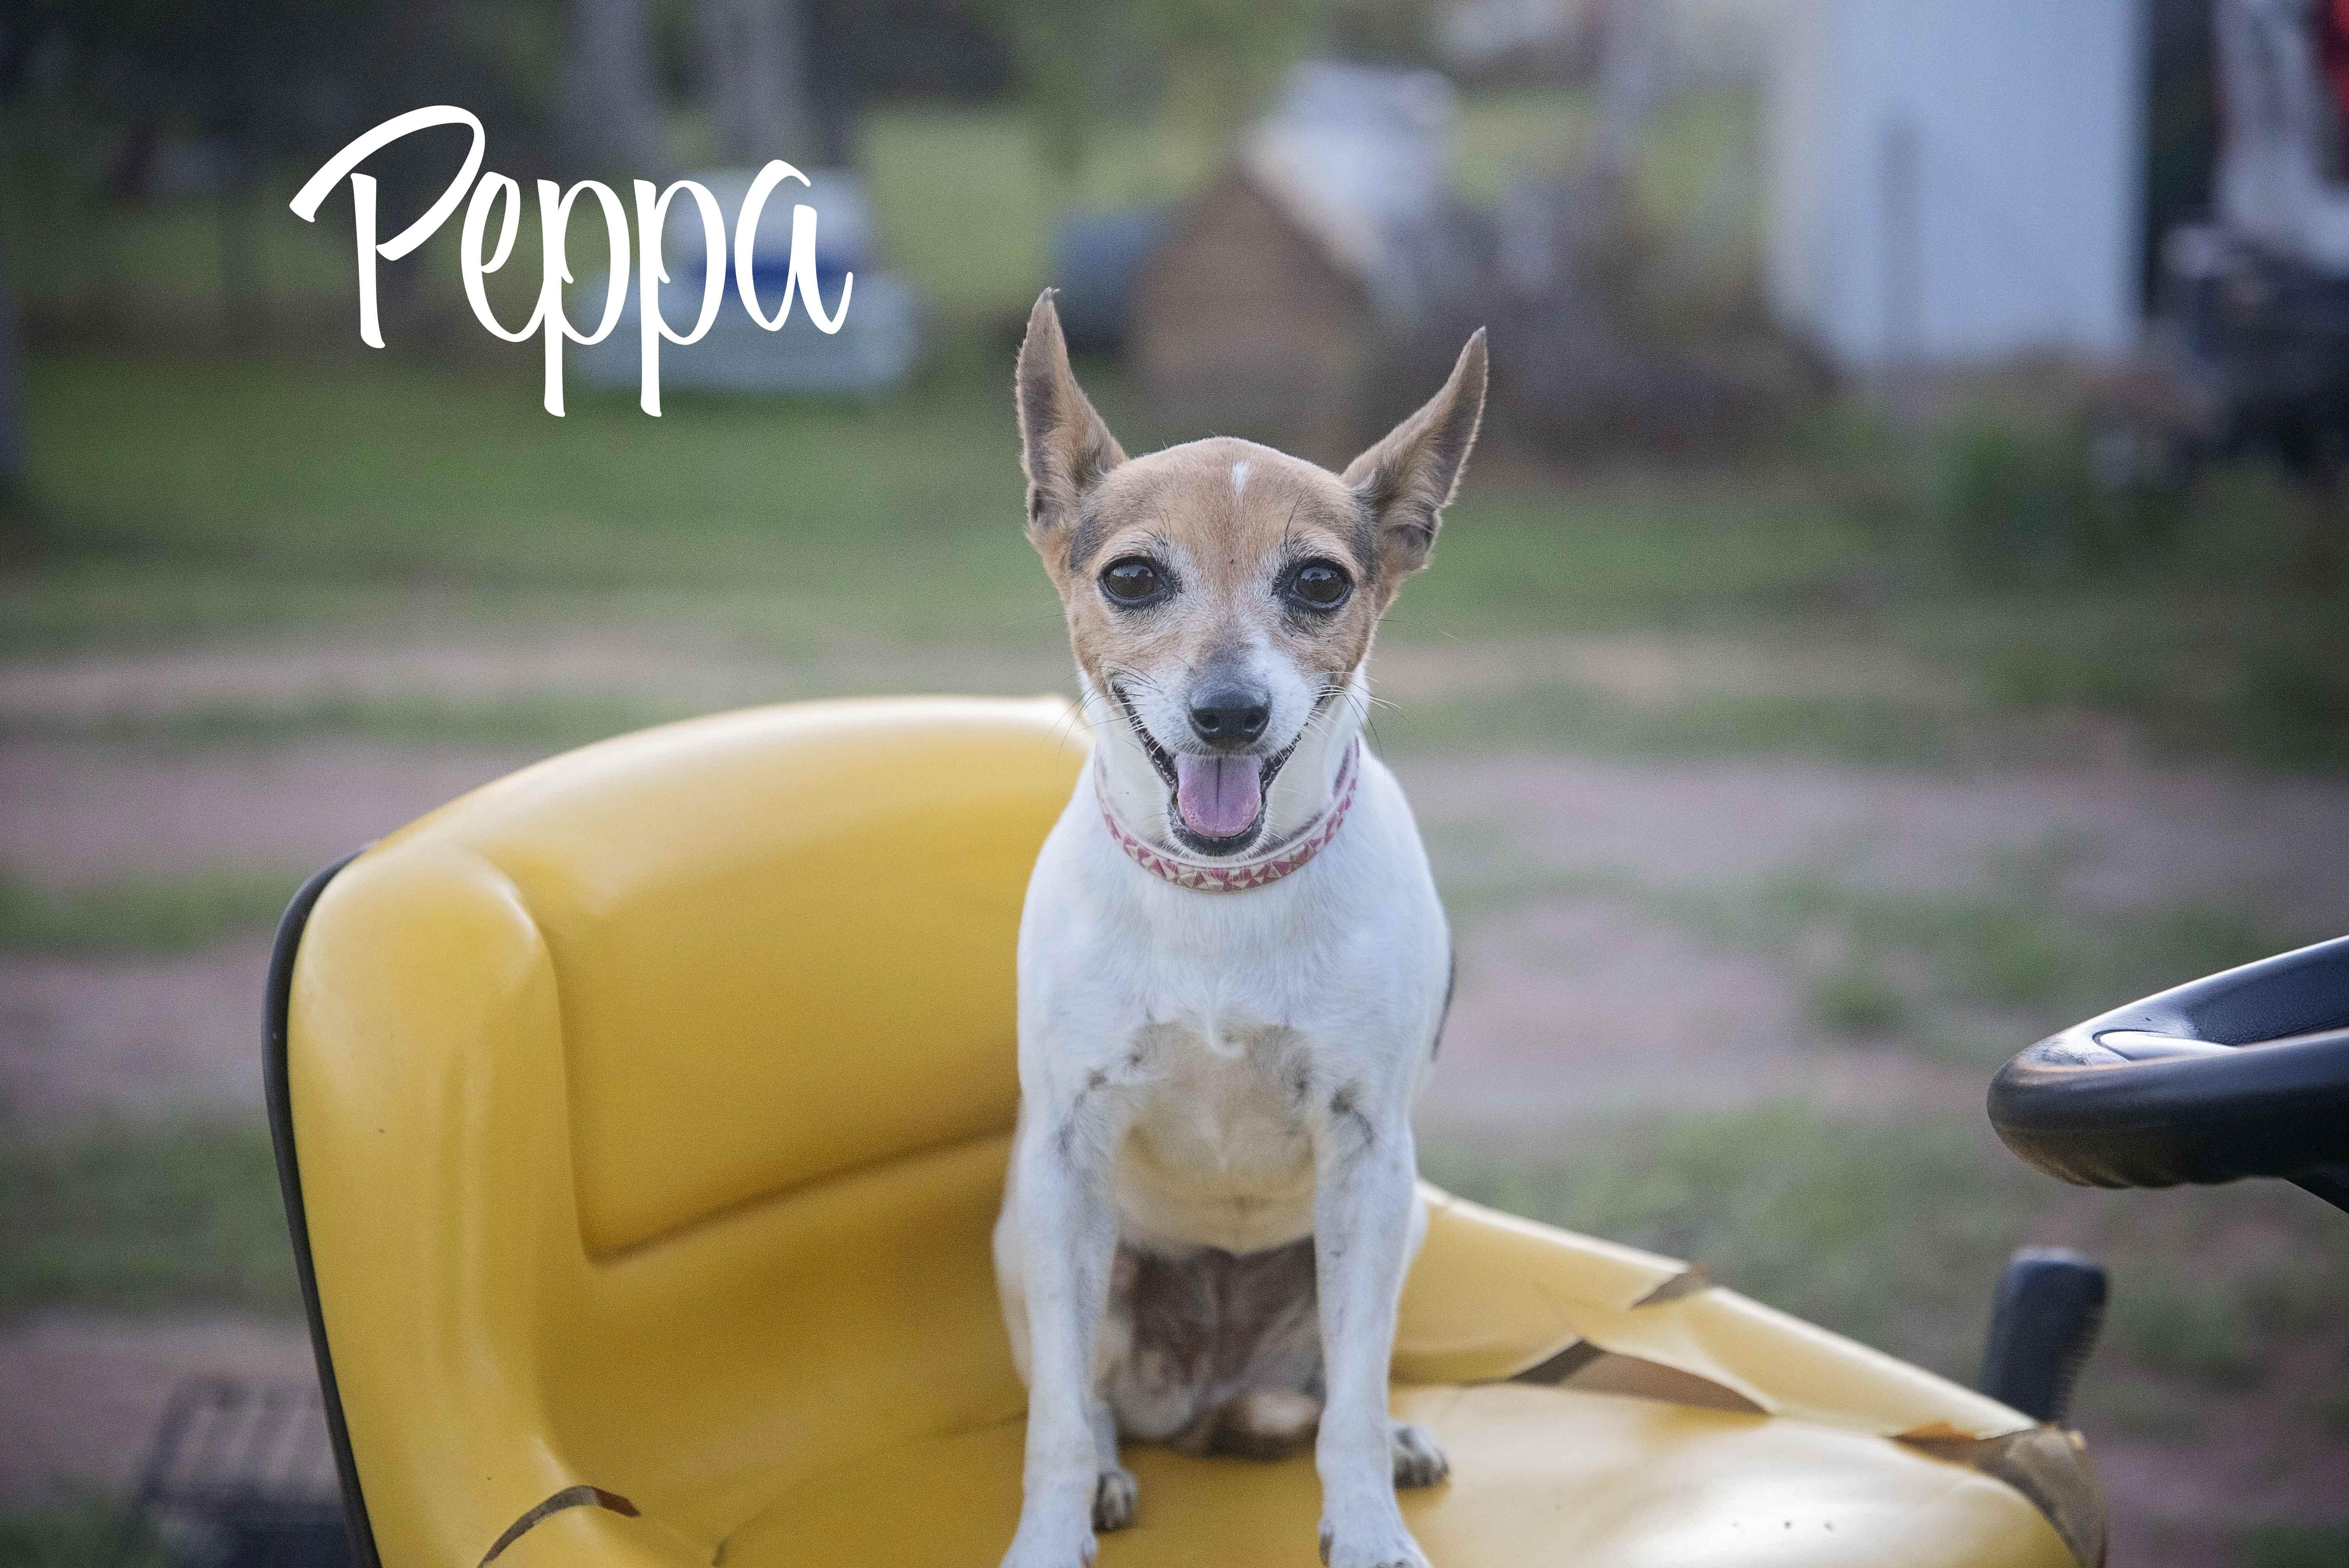 Peppa